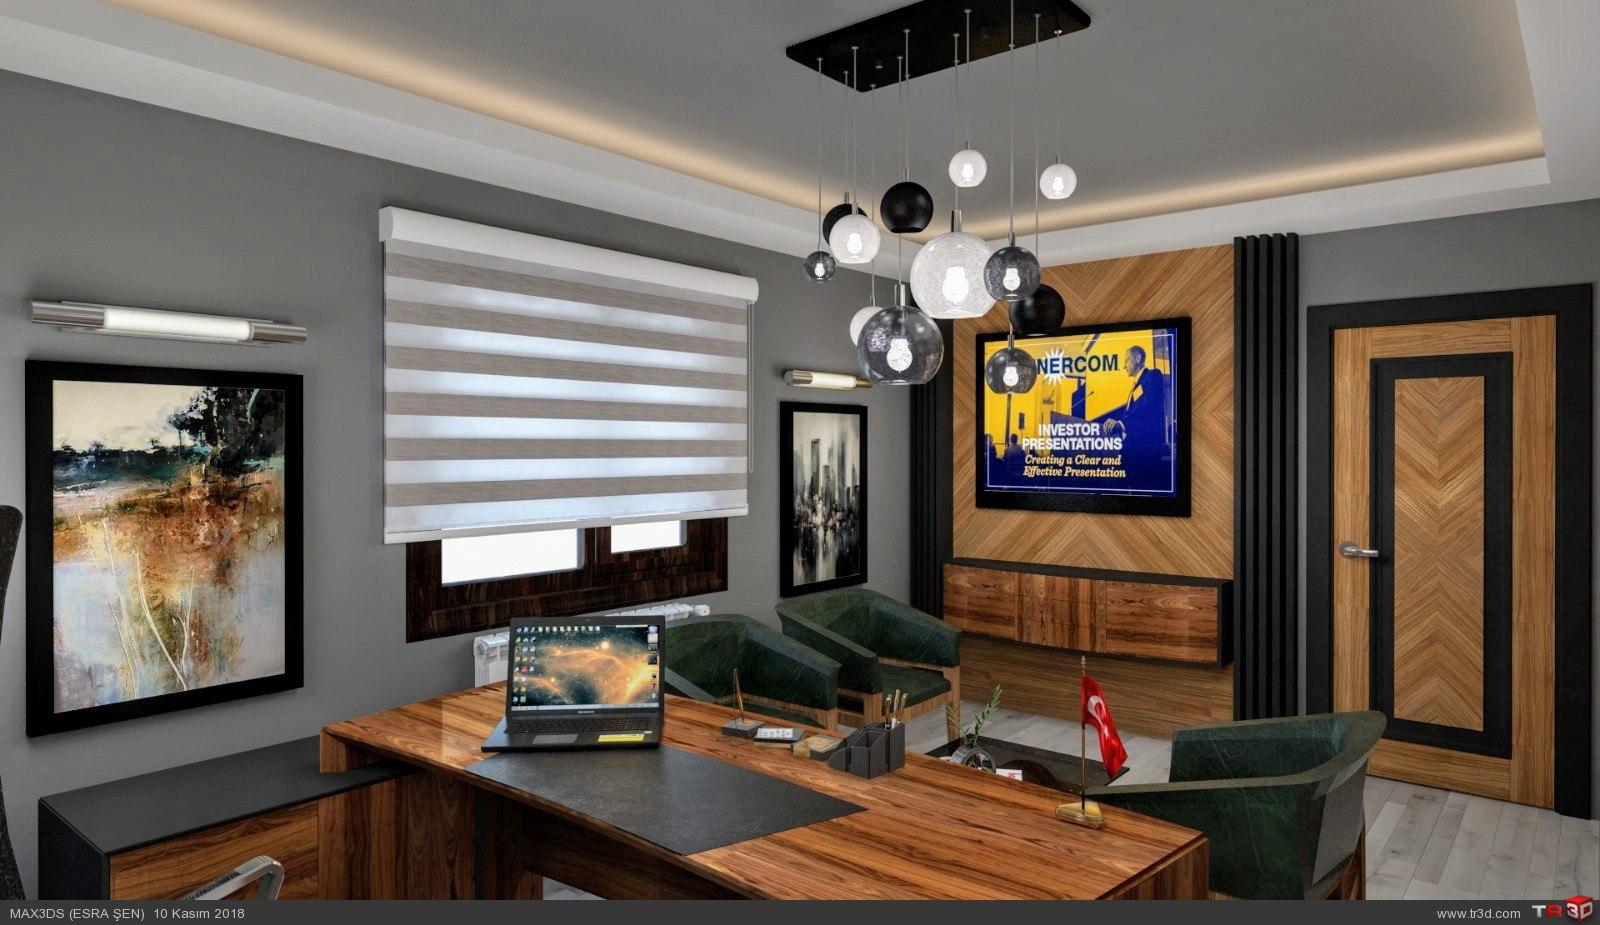 Ofis Tasarımı 1